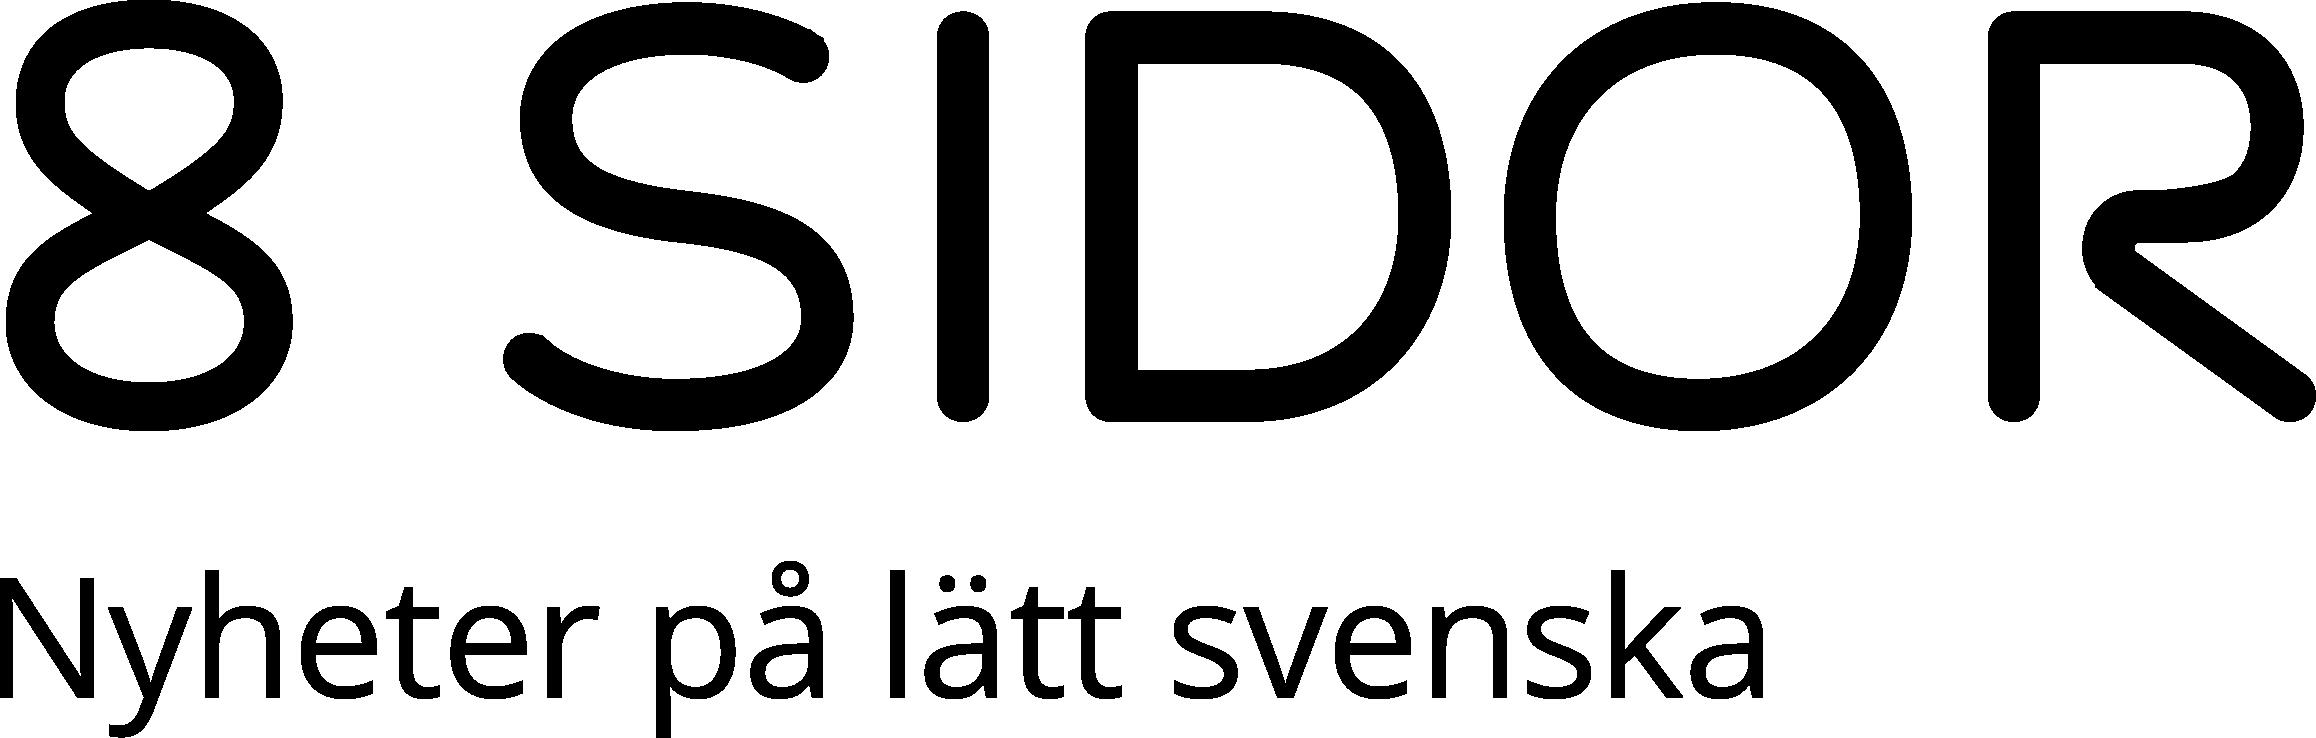 8 Sidor